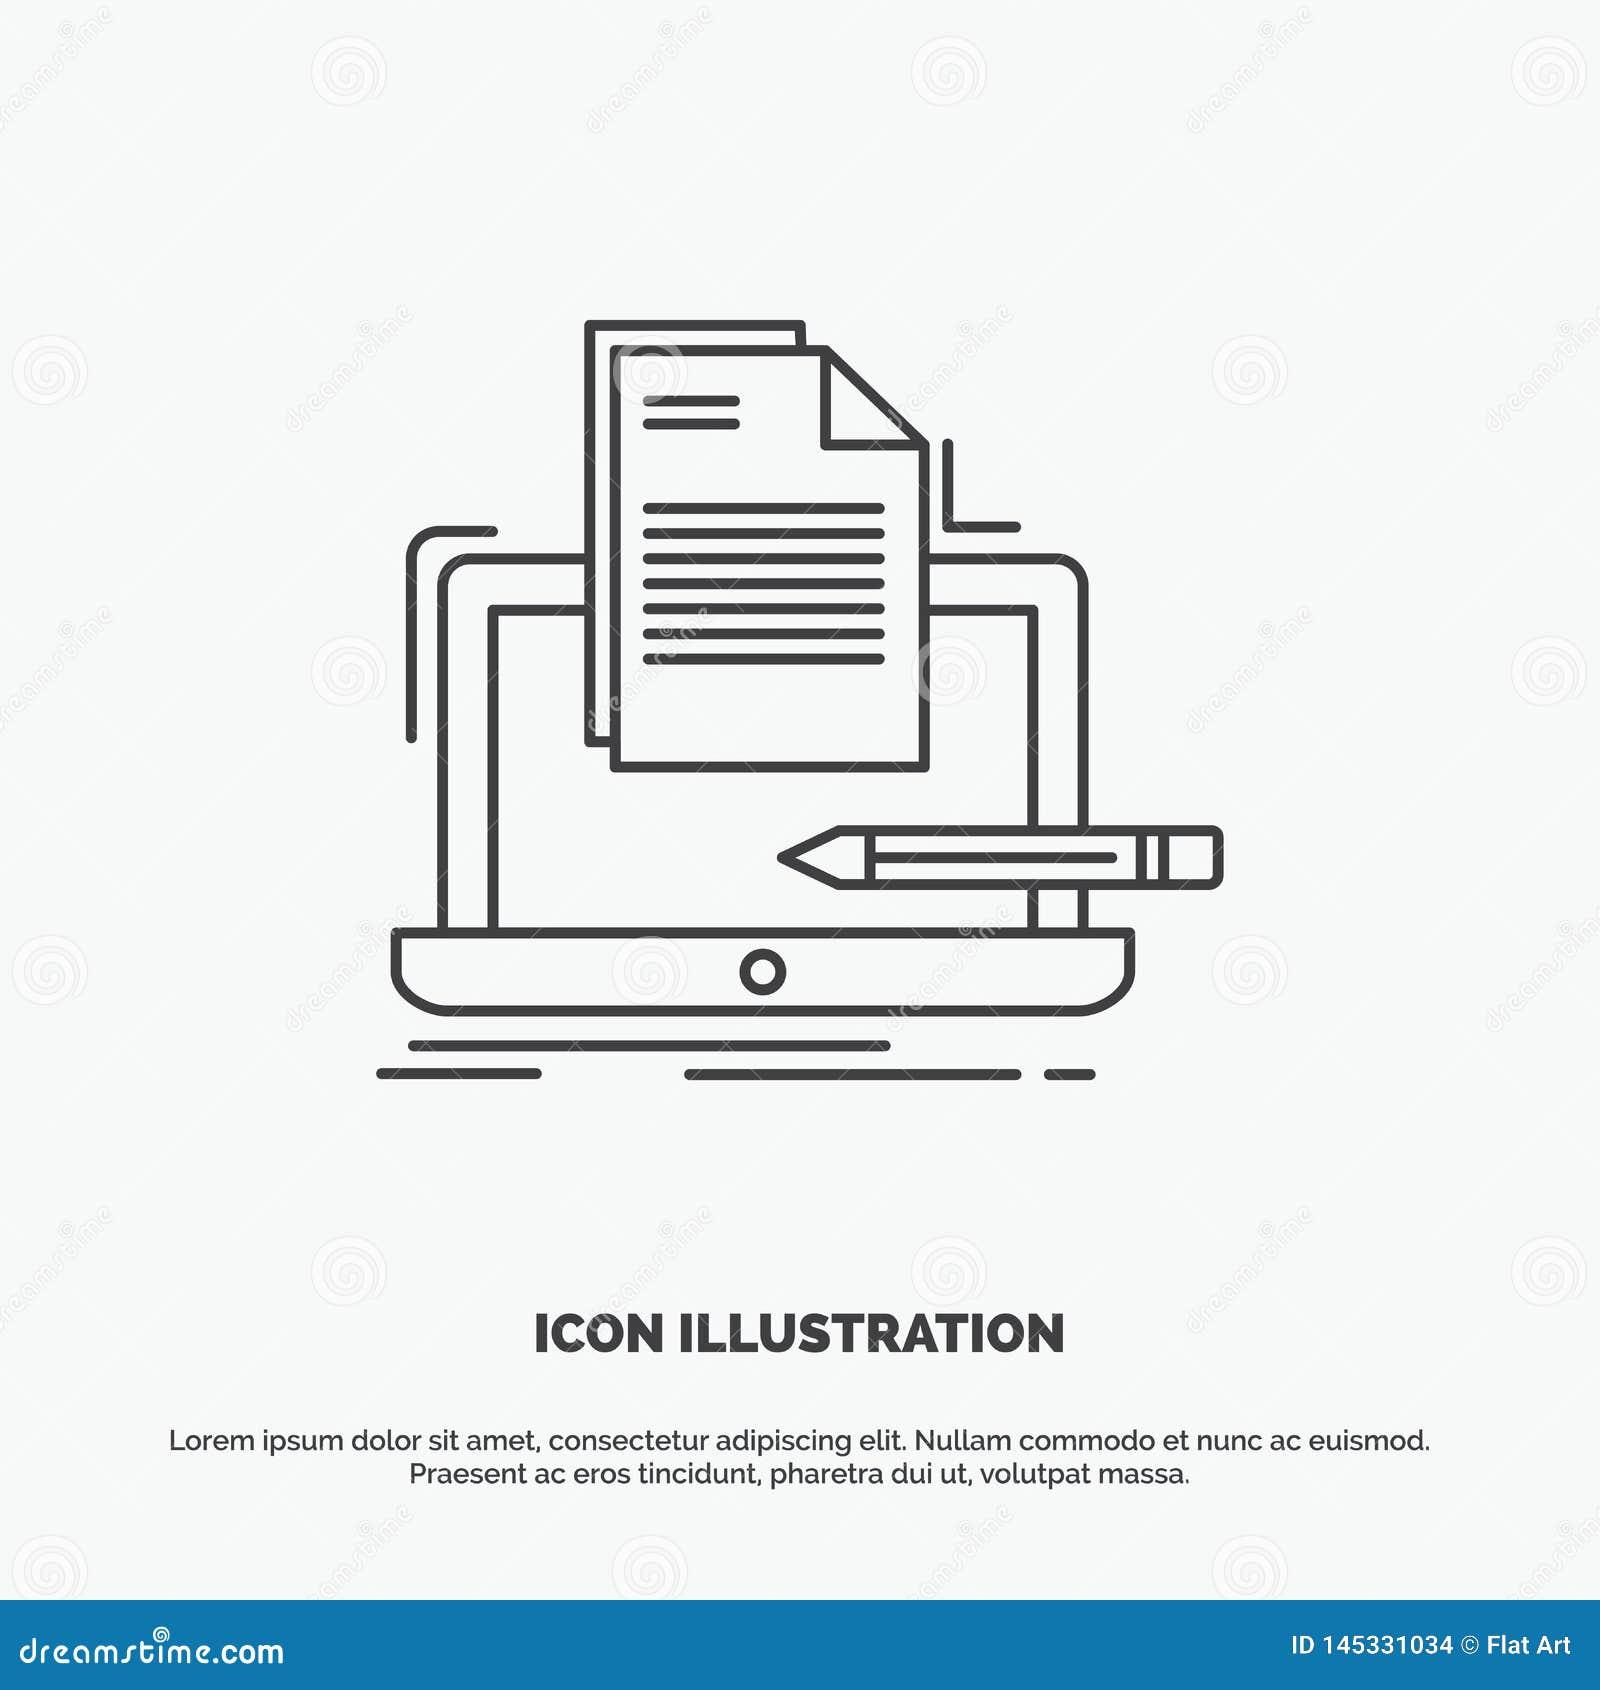 Codeur, codage, computer, lijst, document Pictogram Lijn vector grijs symbool voor UI en UX, website of mobiele toepassing